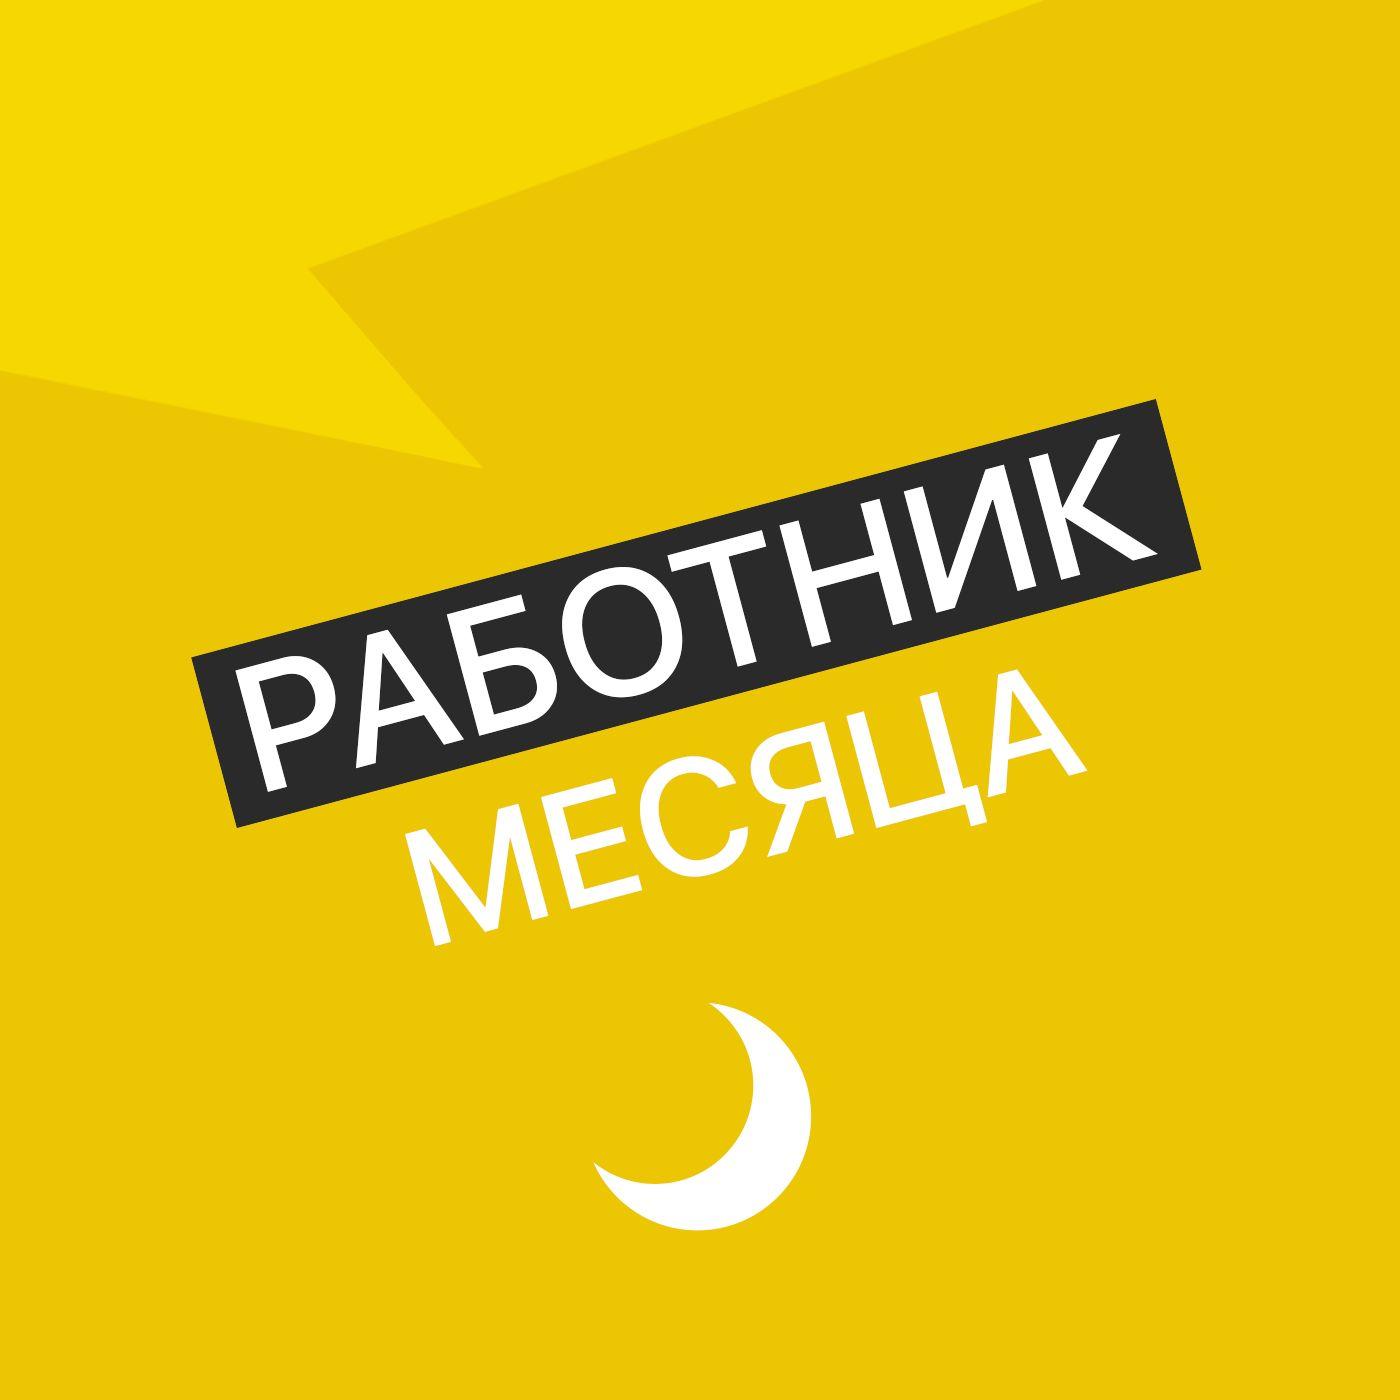 Режиссер рекламных роликов_Творческий коллектив Mojomedia